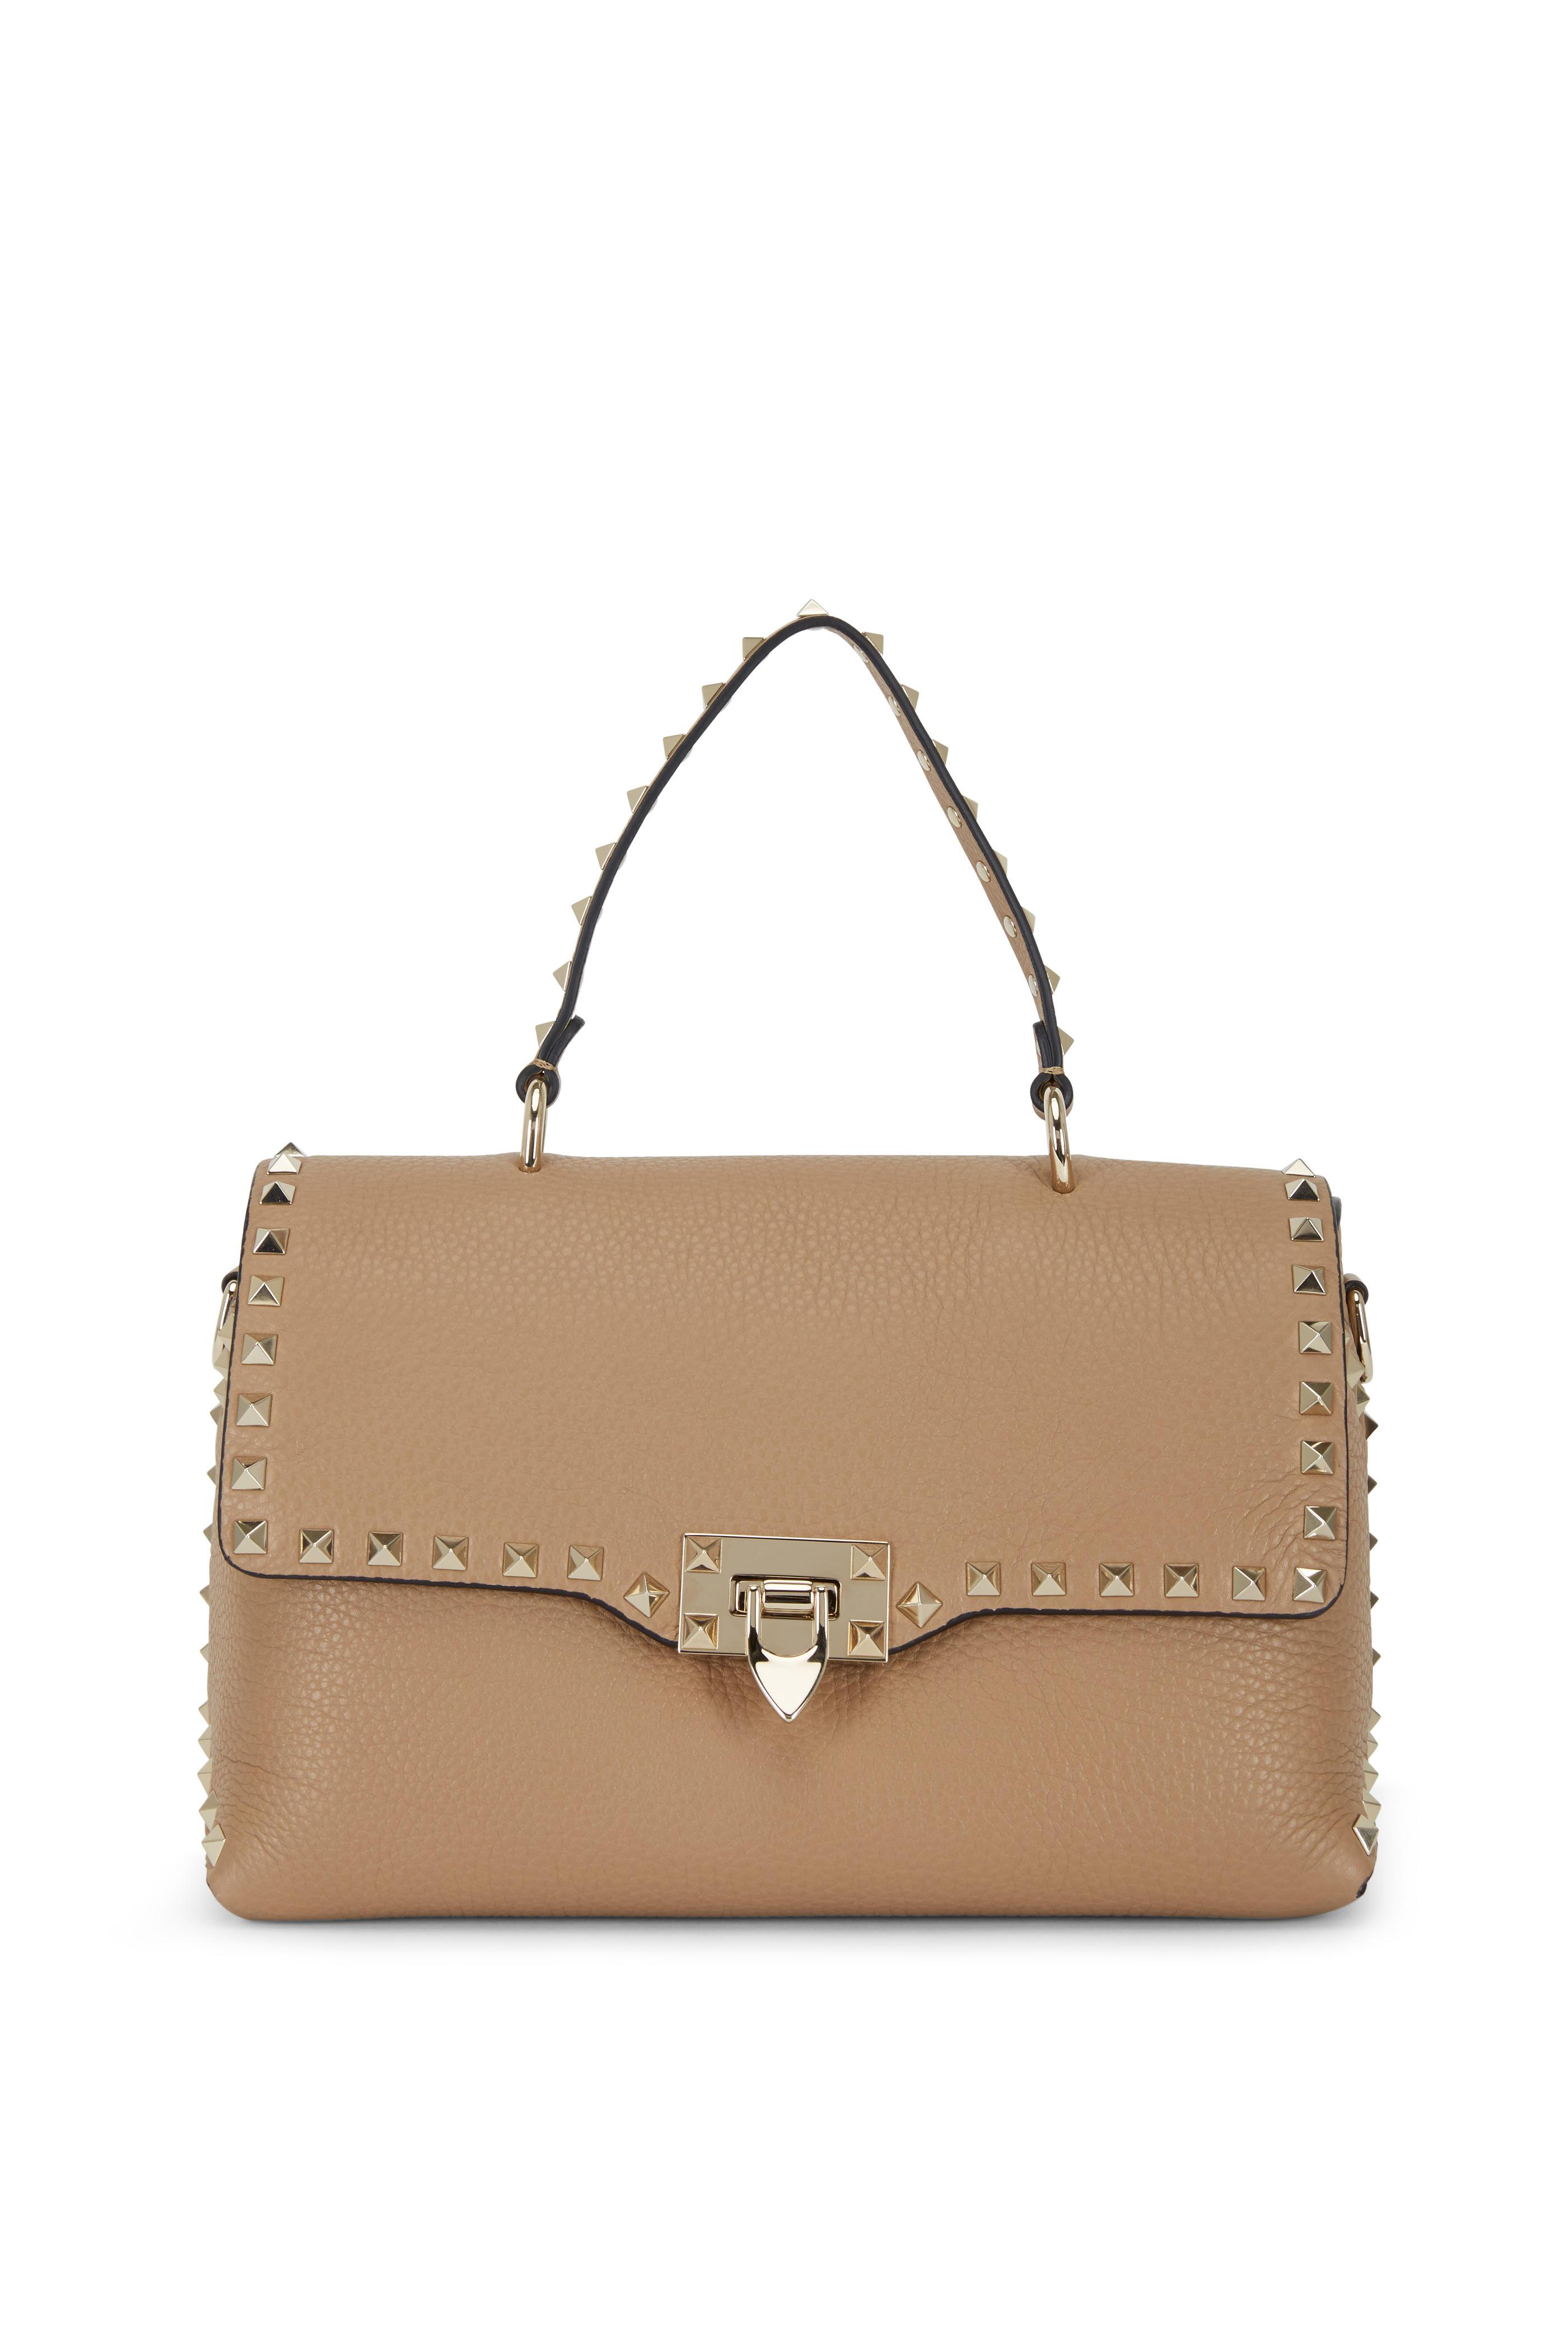 07934e4efc6 Valentino Garavani - Rockstud Taupe Leather Top Handle Medium Bag ...